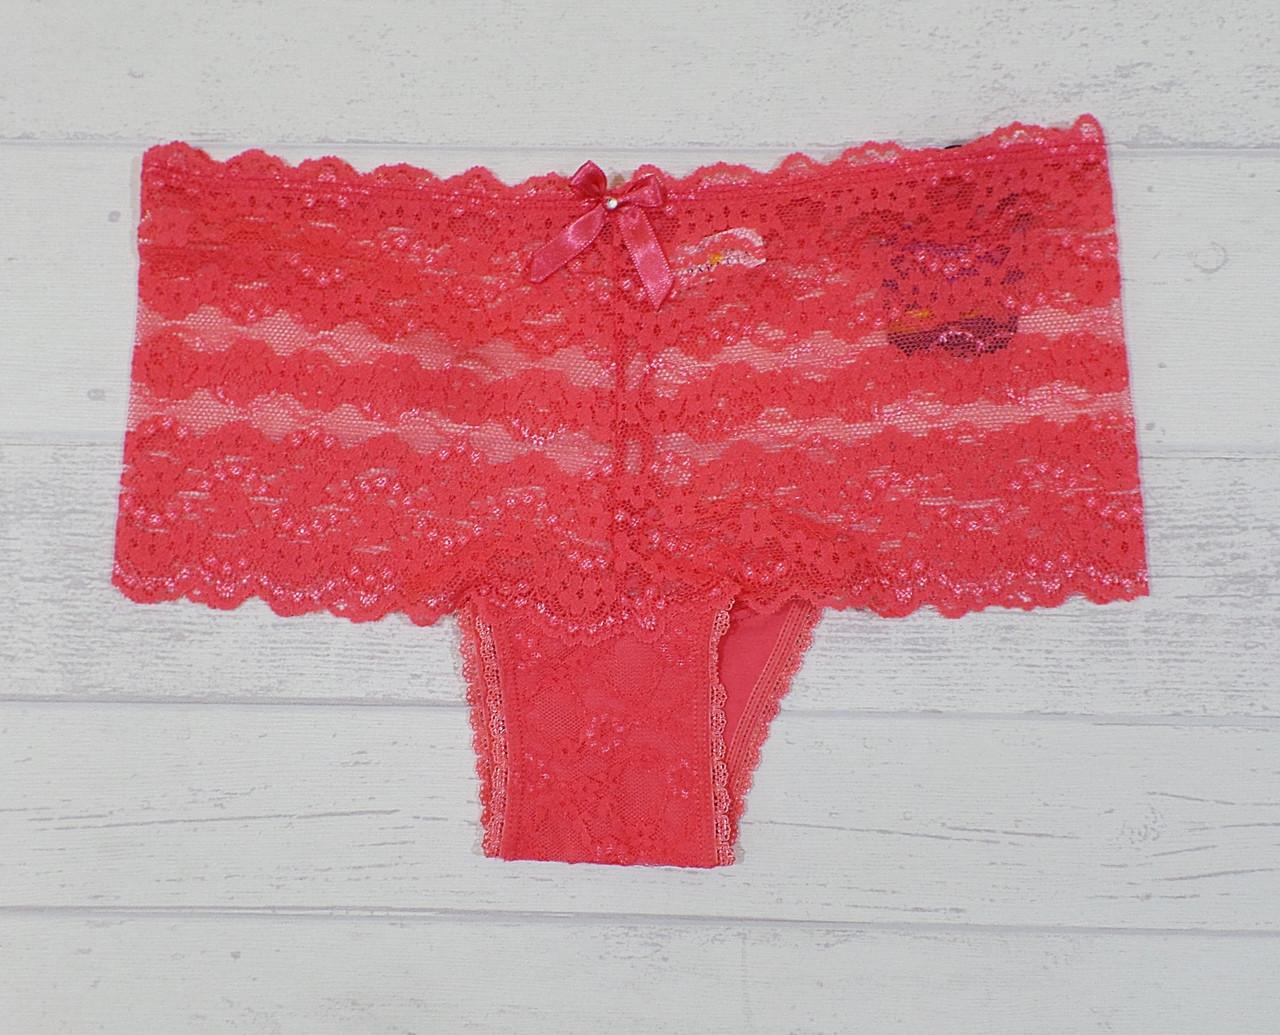 Трусы шорты женские ажурные размер M-L 44-48